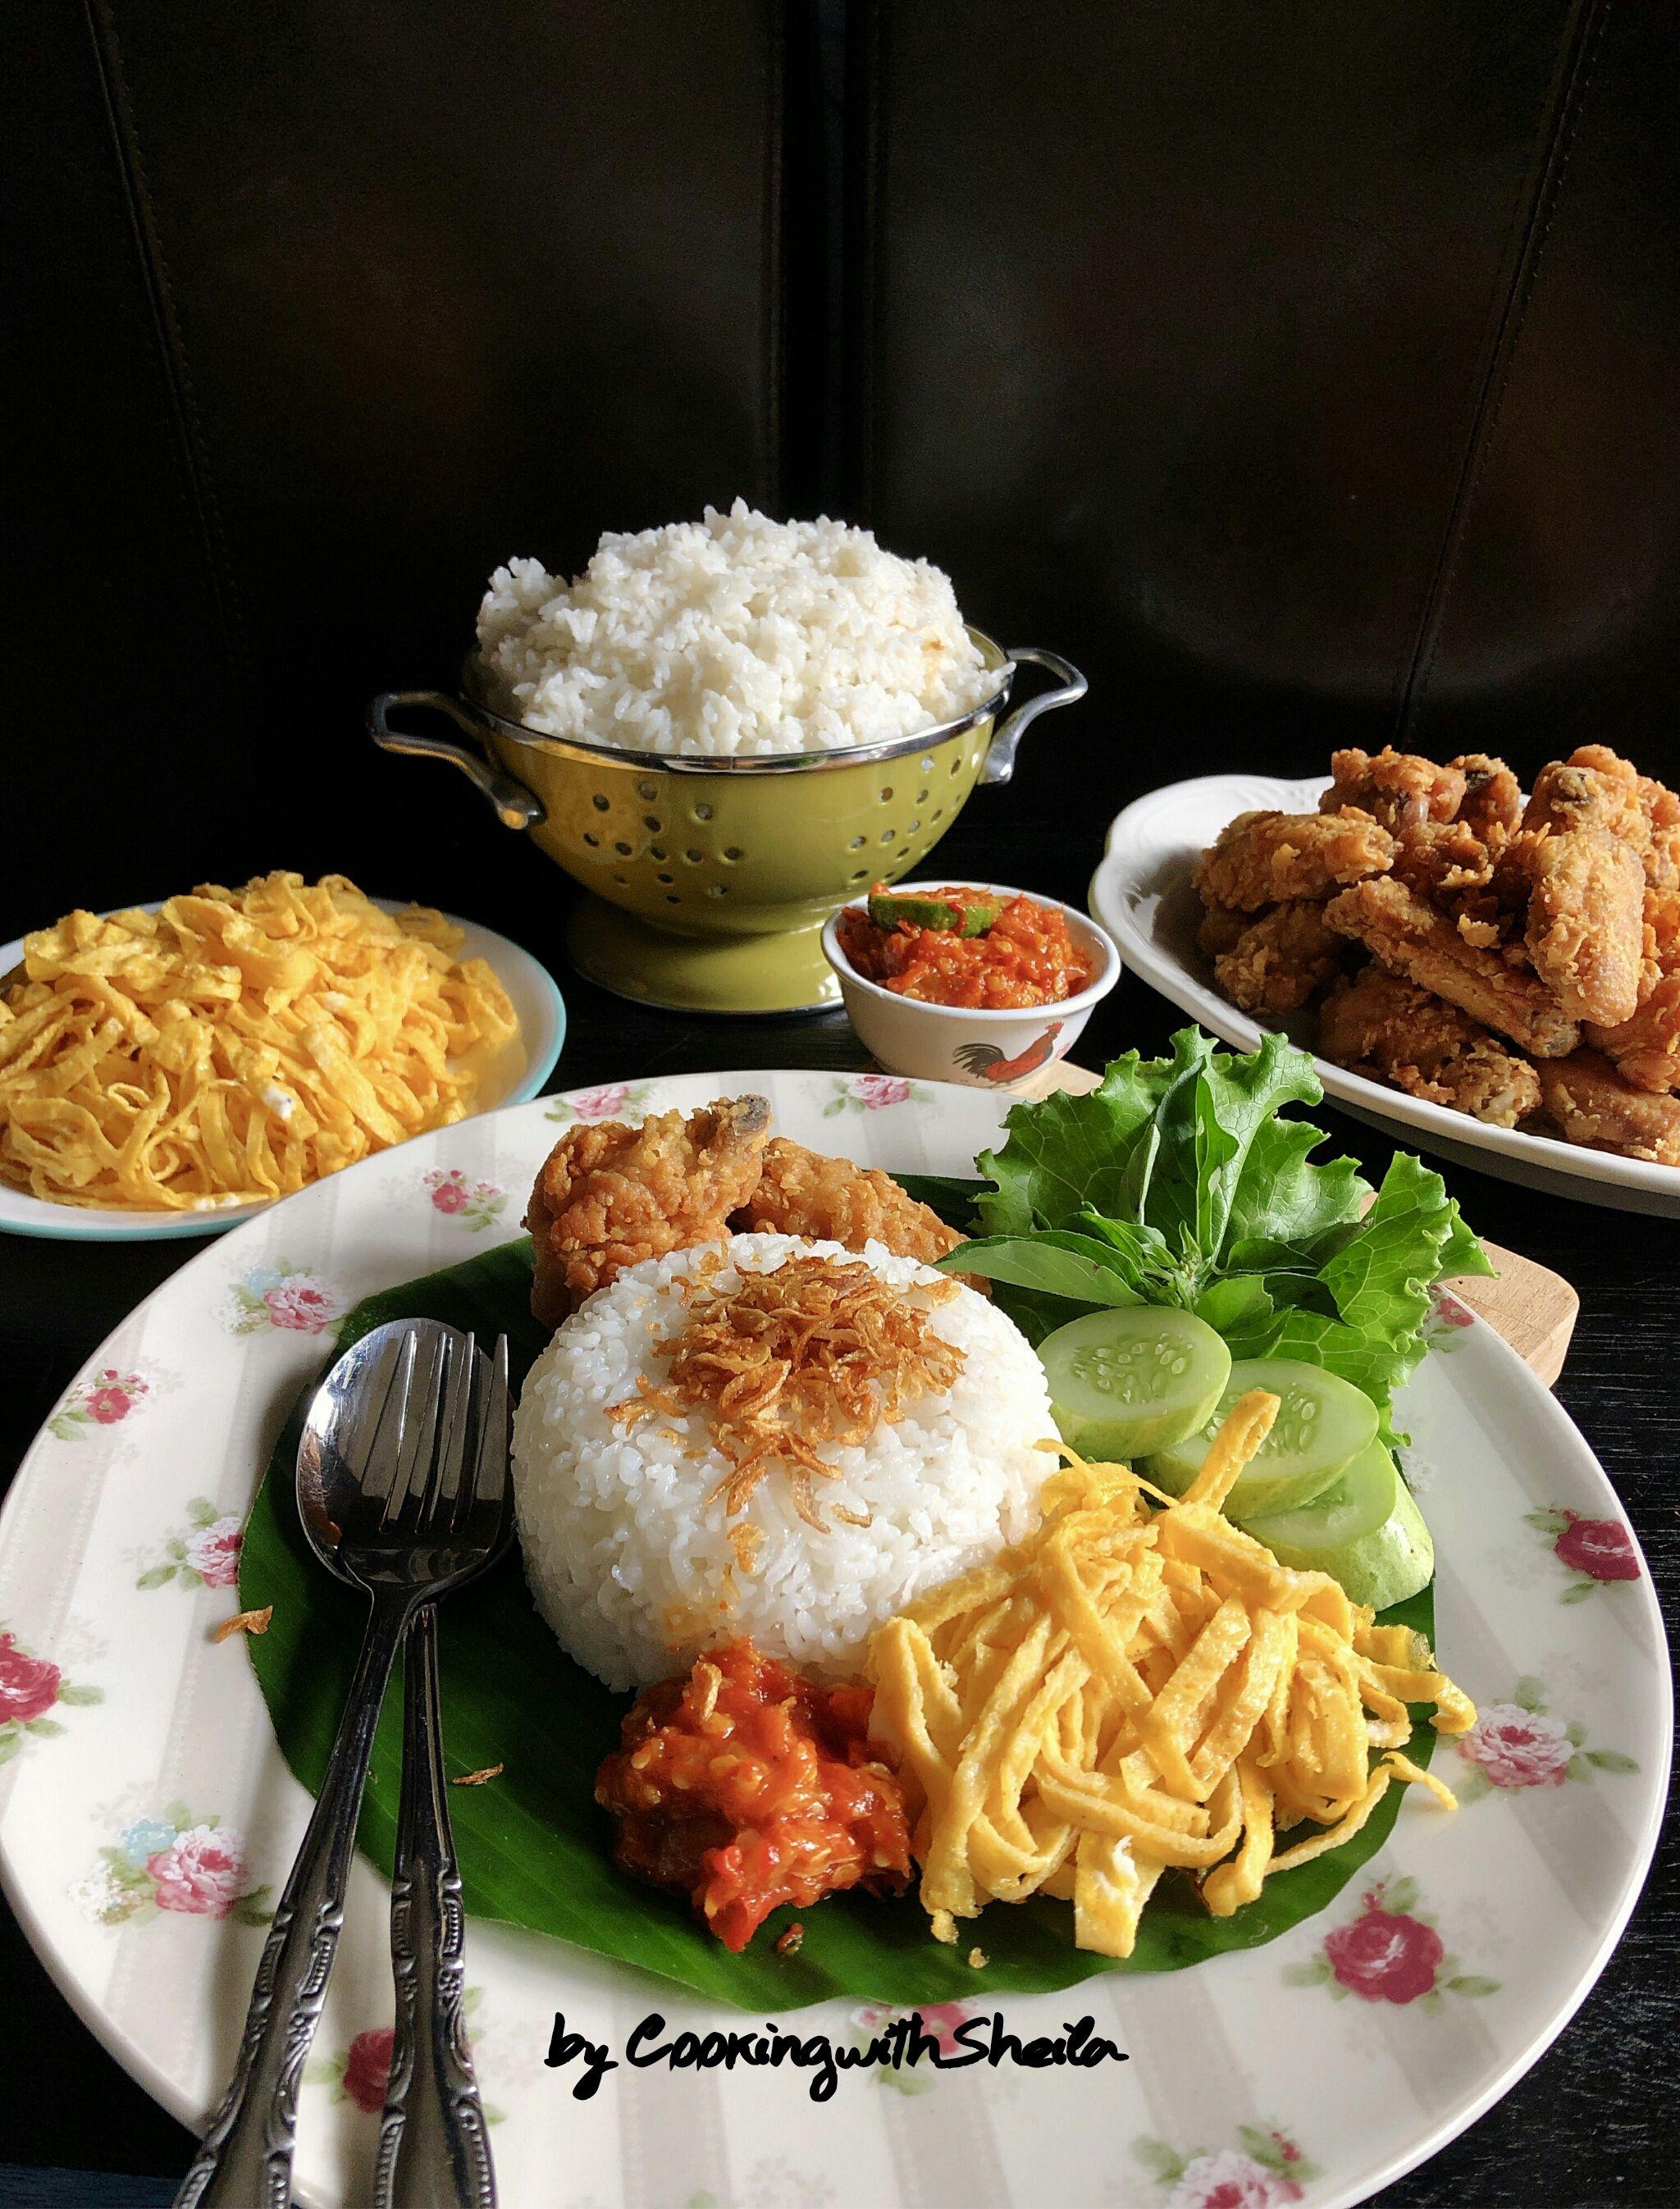 Beberapa Bulan Yang Lalu Saya Share Resep Nasi Kuning Rice Cooker Dan Banyak Banget Yang Cocok Kemudian Jadi Ba Masakan Indonesia Masakan Makanan Dan Minuman